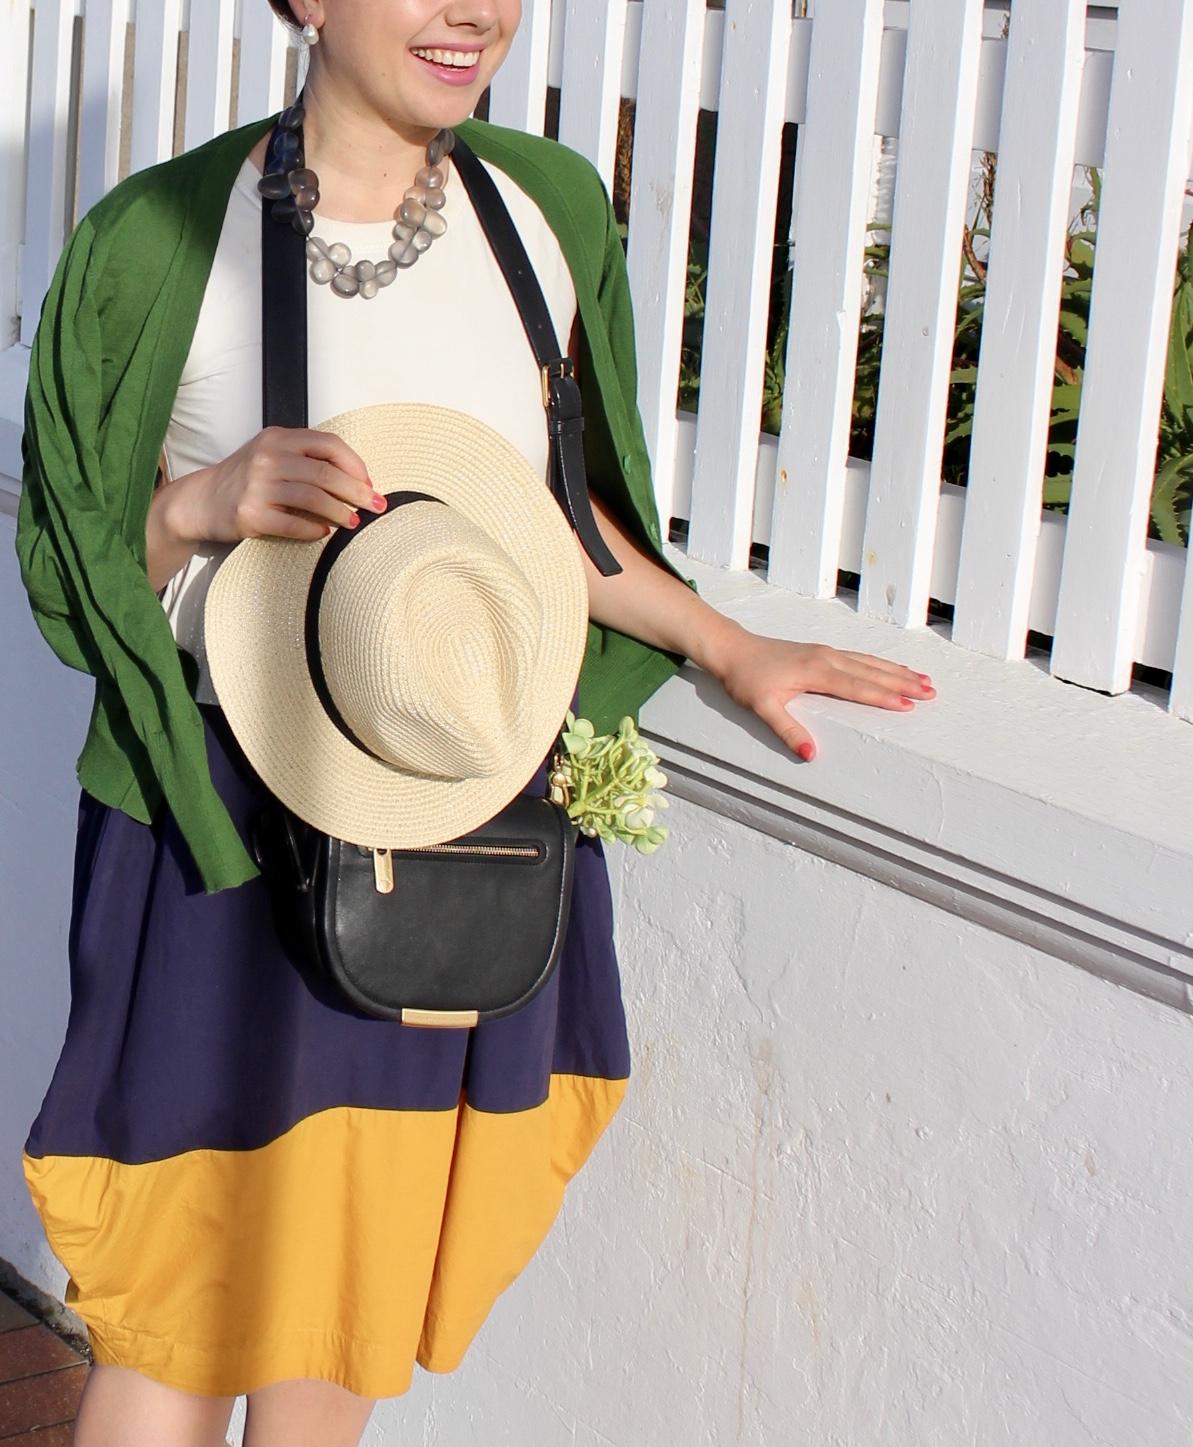 Outfit details below under captions.